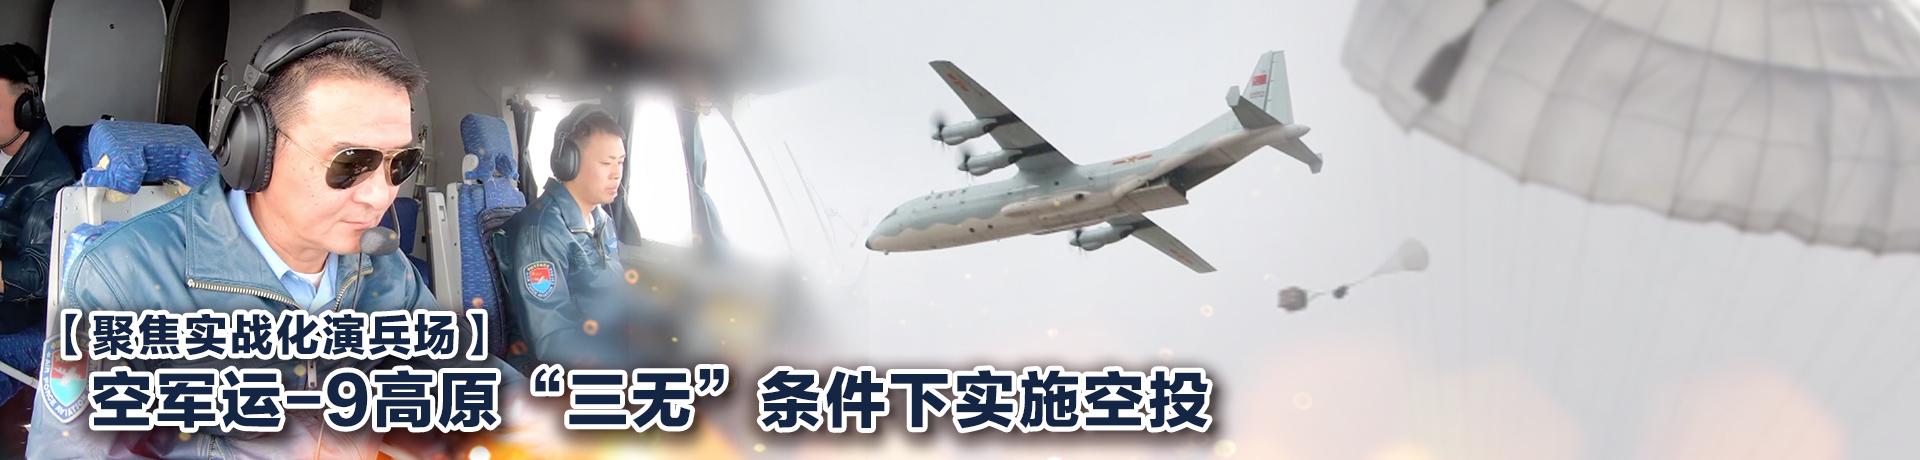 """【聚焦实战化演兵场】空军运-9高原""""三无""""条件下实施空投"""